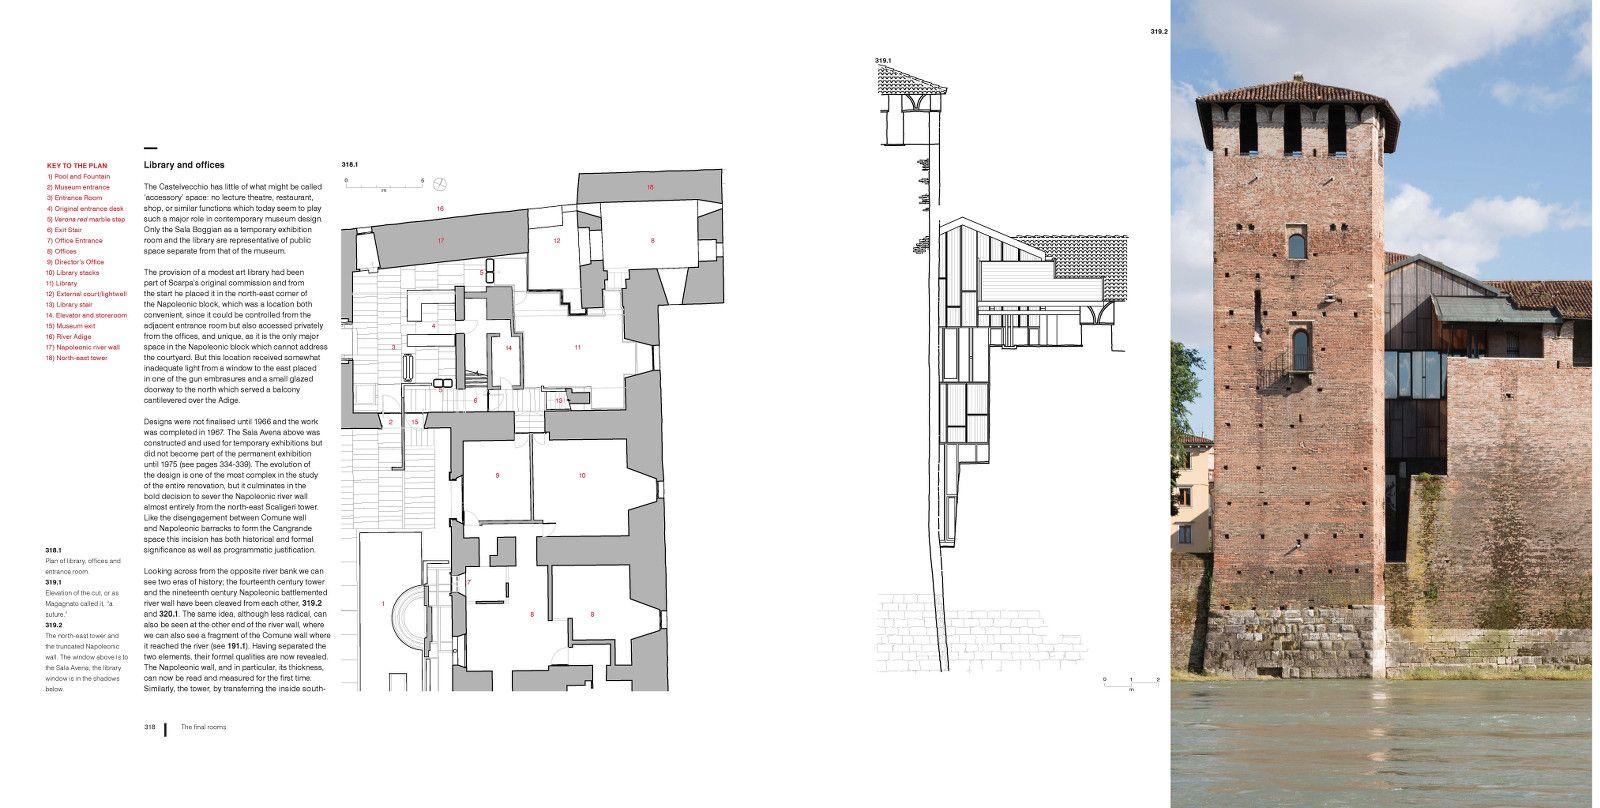 CARLO SCARPA AND CASTELVECCHIO REVISITED (con imágenes)